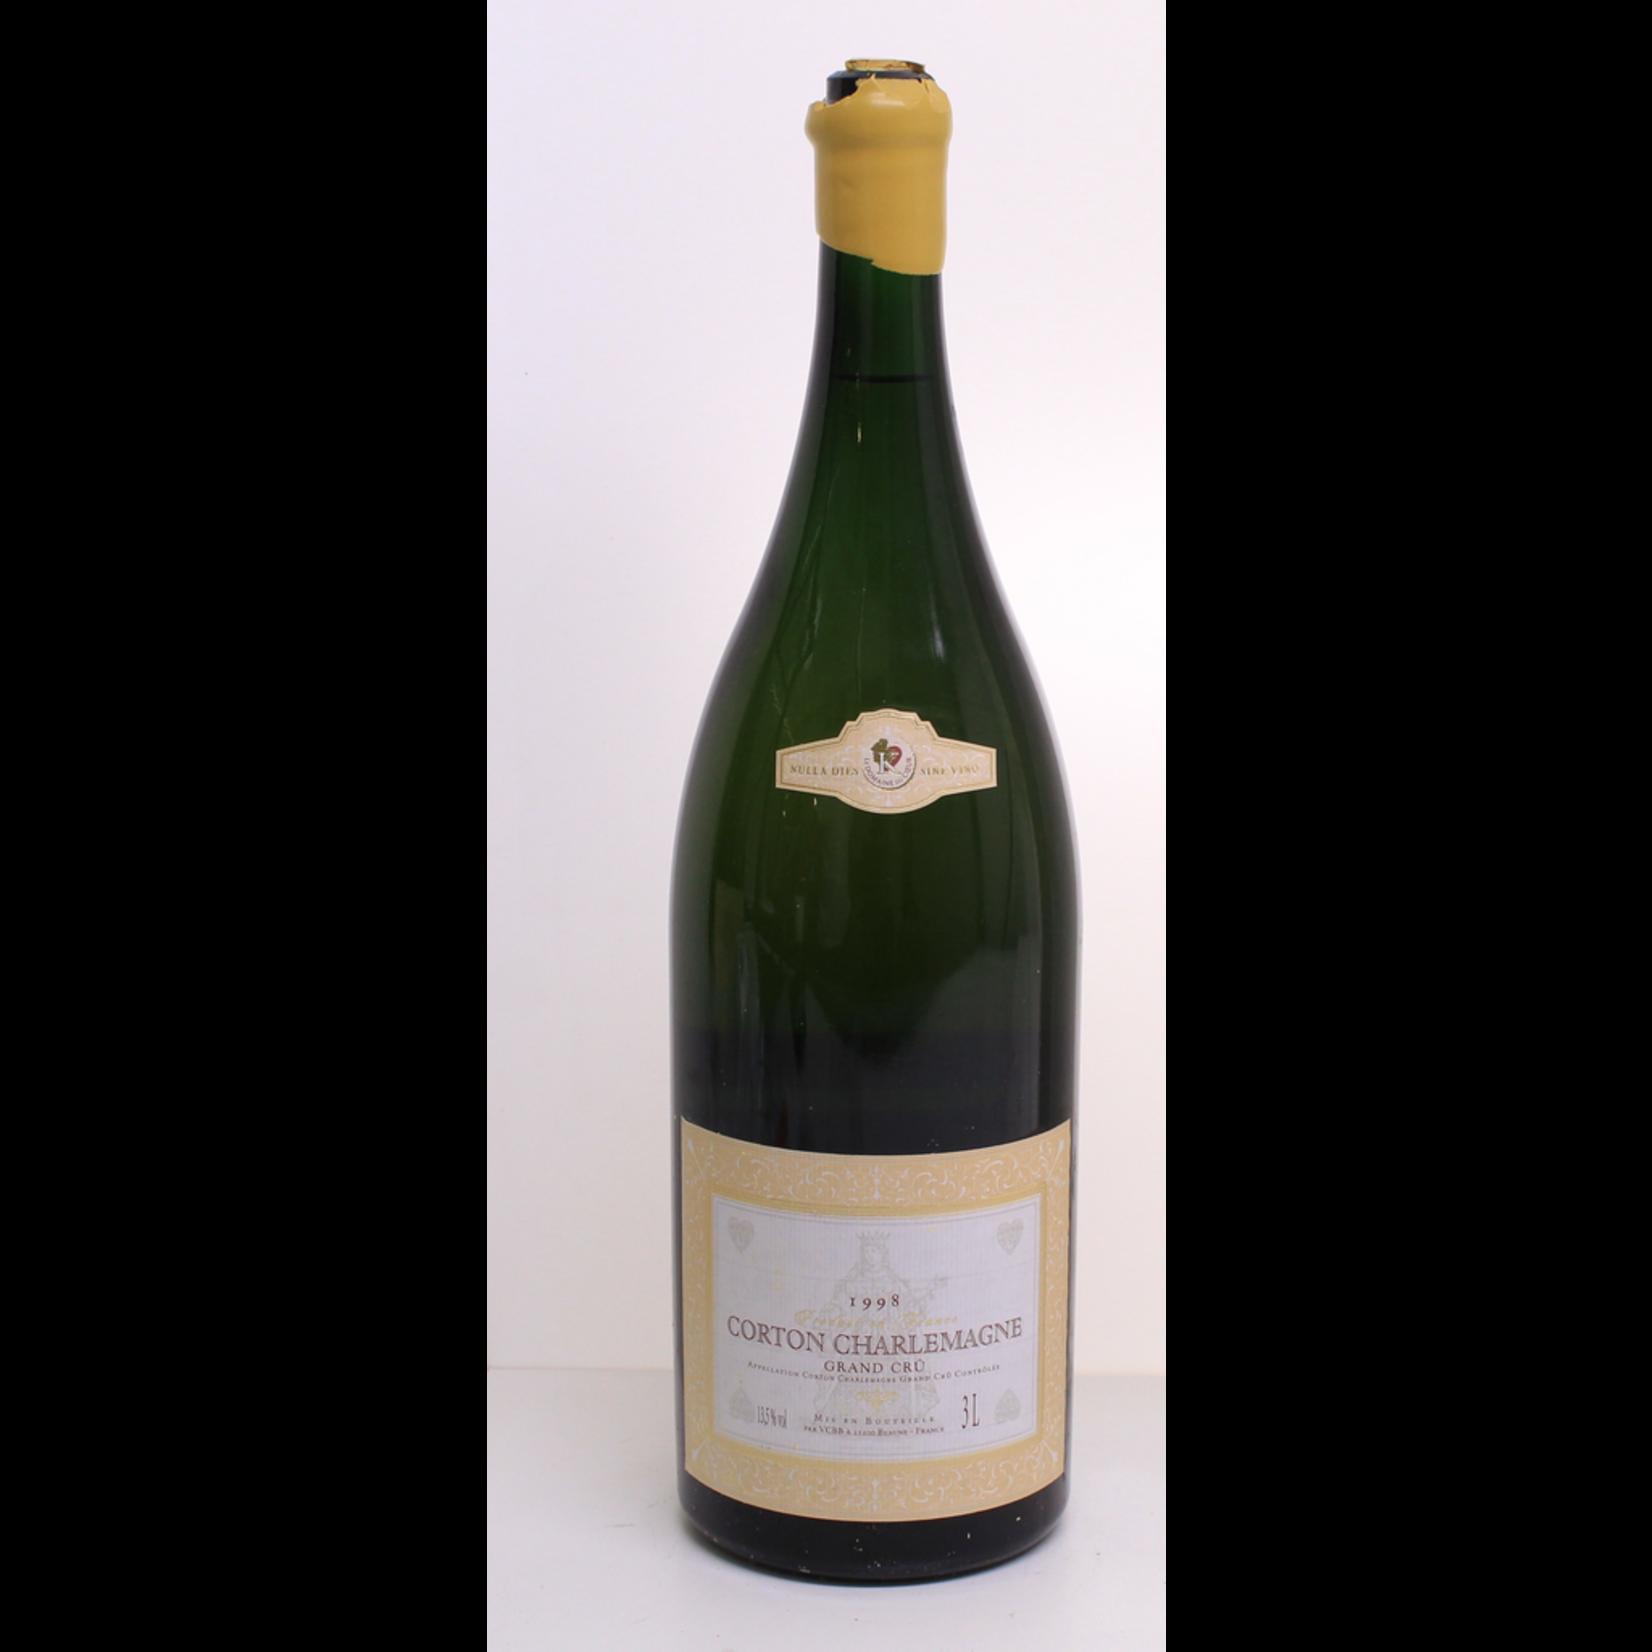 Wine Domaine de Coeur Corton Charlemagne Grand Cru 1998 3L